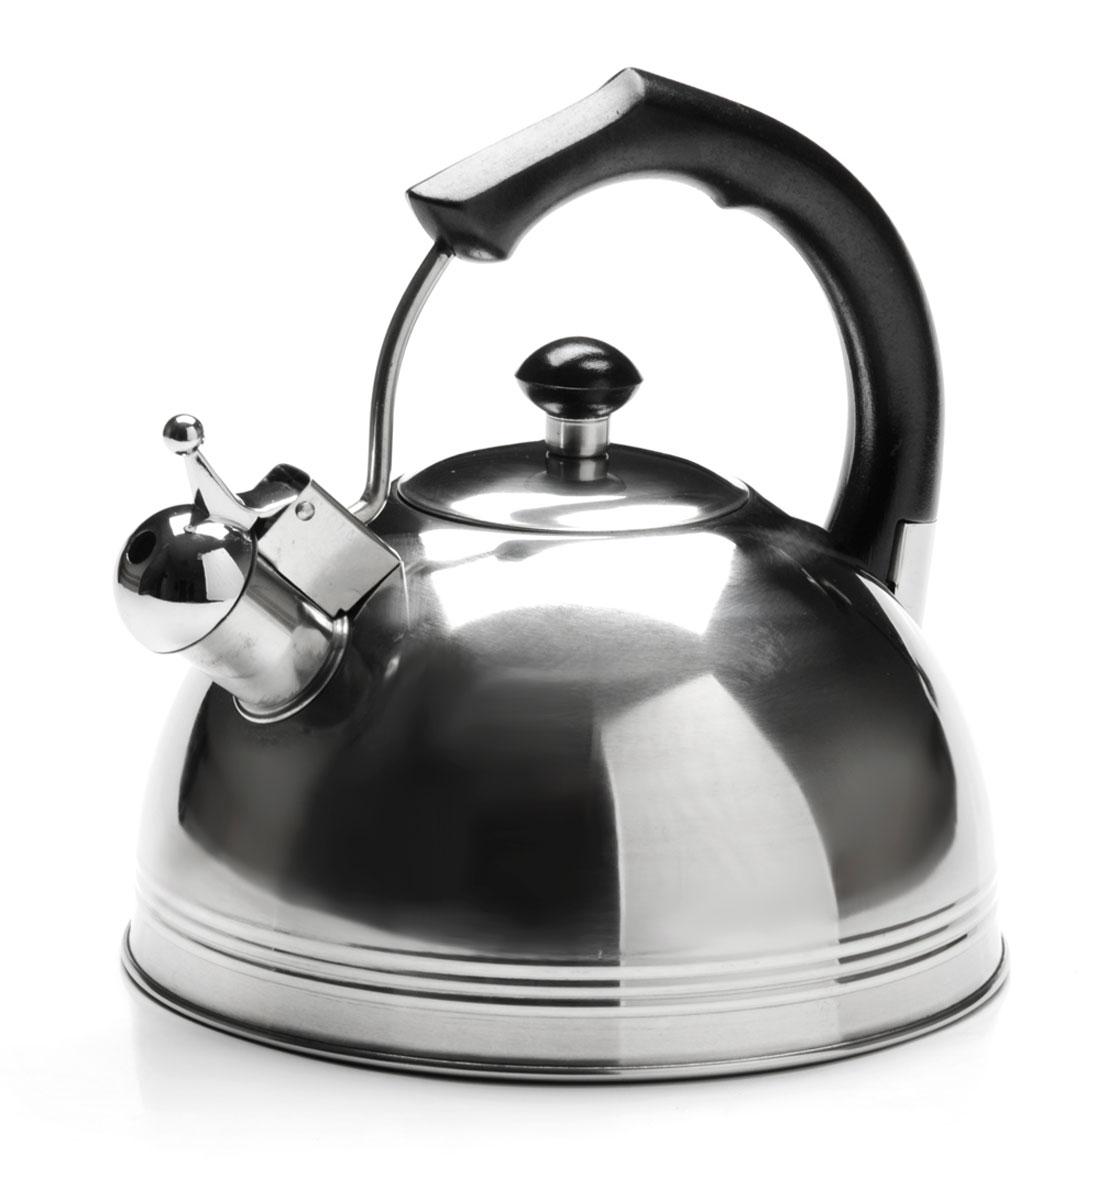 Чайник Mayer & Boch, со свистком, 4 л. 26166VT-1520(SR)Чайник изготовлен из высококачественной нержавеющей стали. Изделия из нержавеющей стали не окисляются и не впитывают запахи, благодаря чему вы всегда получите натуральный, насыщенный вкус и аромат напитков. Капсулированное дно с прослойкой из алюминия обеспечивает наилучшее распределение тепла. Эргономичная фиксированная ручка выполнена из нержавеющей стали и бакелита и стилизована под дерево. Носик чайника оснащен насадкой-свистком, который позволяет контролировать процесс кипячения или подогрева воды. Поверхность чайника гладкая, что облегчает уход за ним. Подходит для использования на всех типах плит, кроме индукционных. Подходит для мытья в посудомоечной машине.Объем чайника: 4 литра.